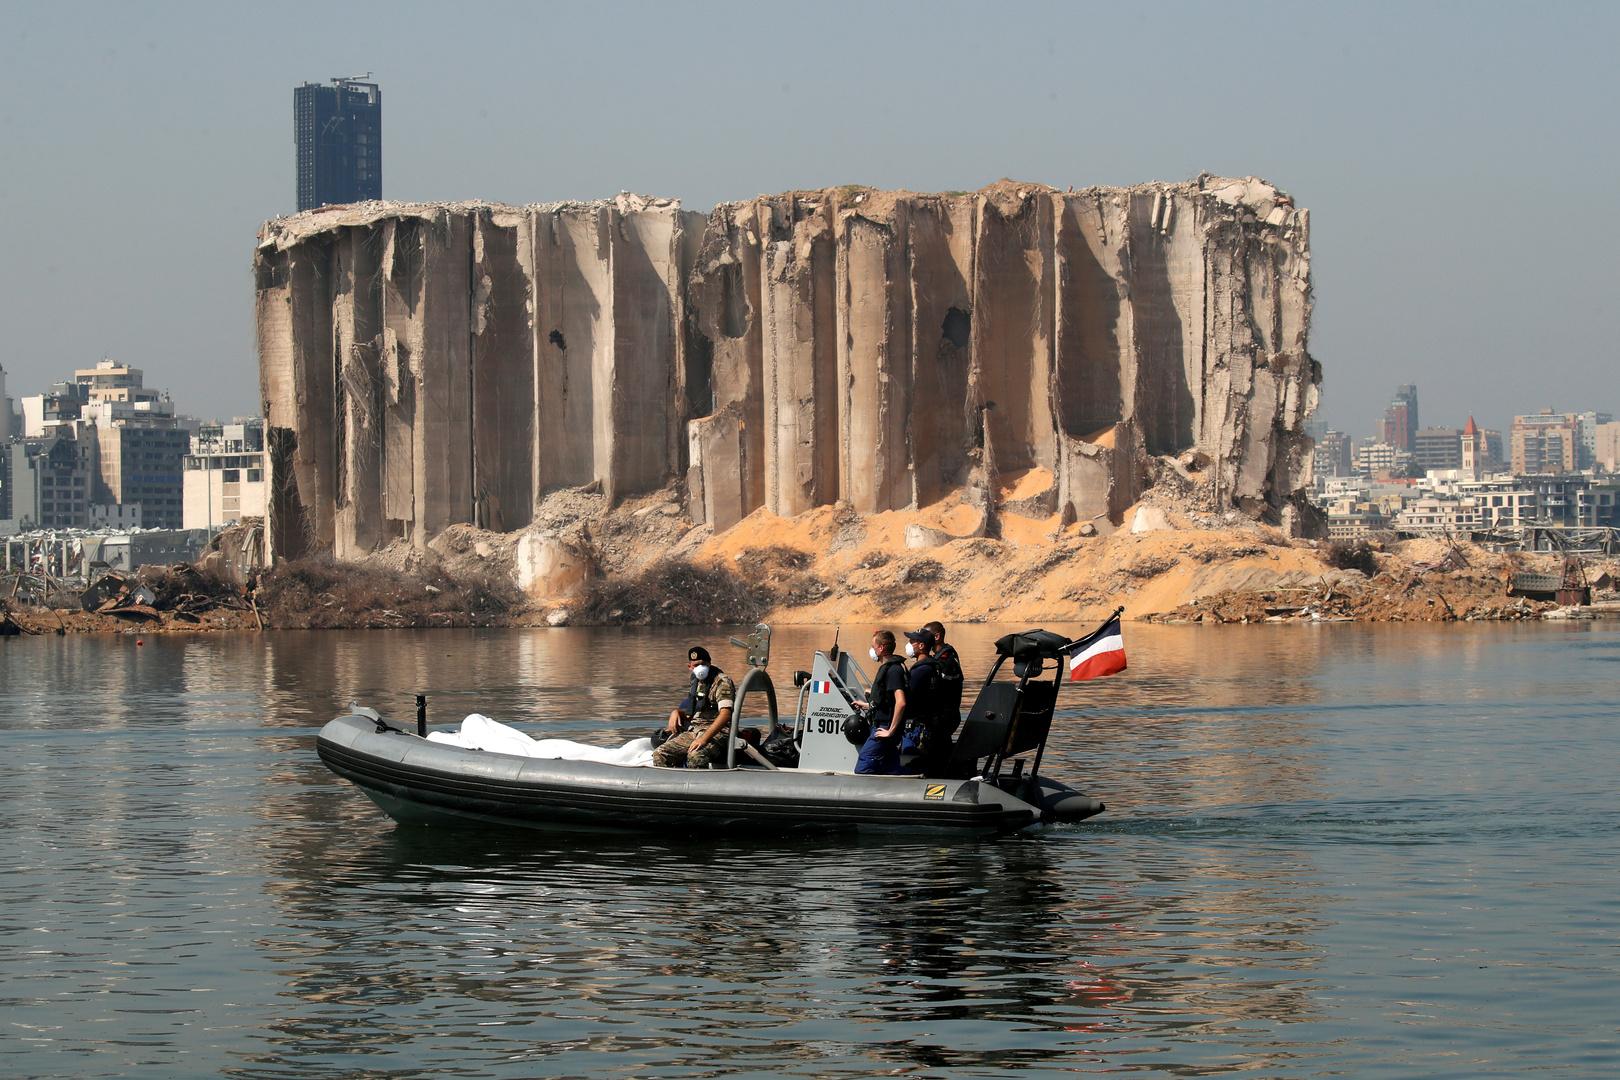 النائب العام التمييزي يخشى من التدخلات في تحقيقات انفجار مرفأ بيروت